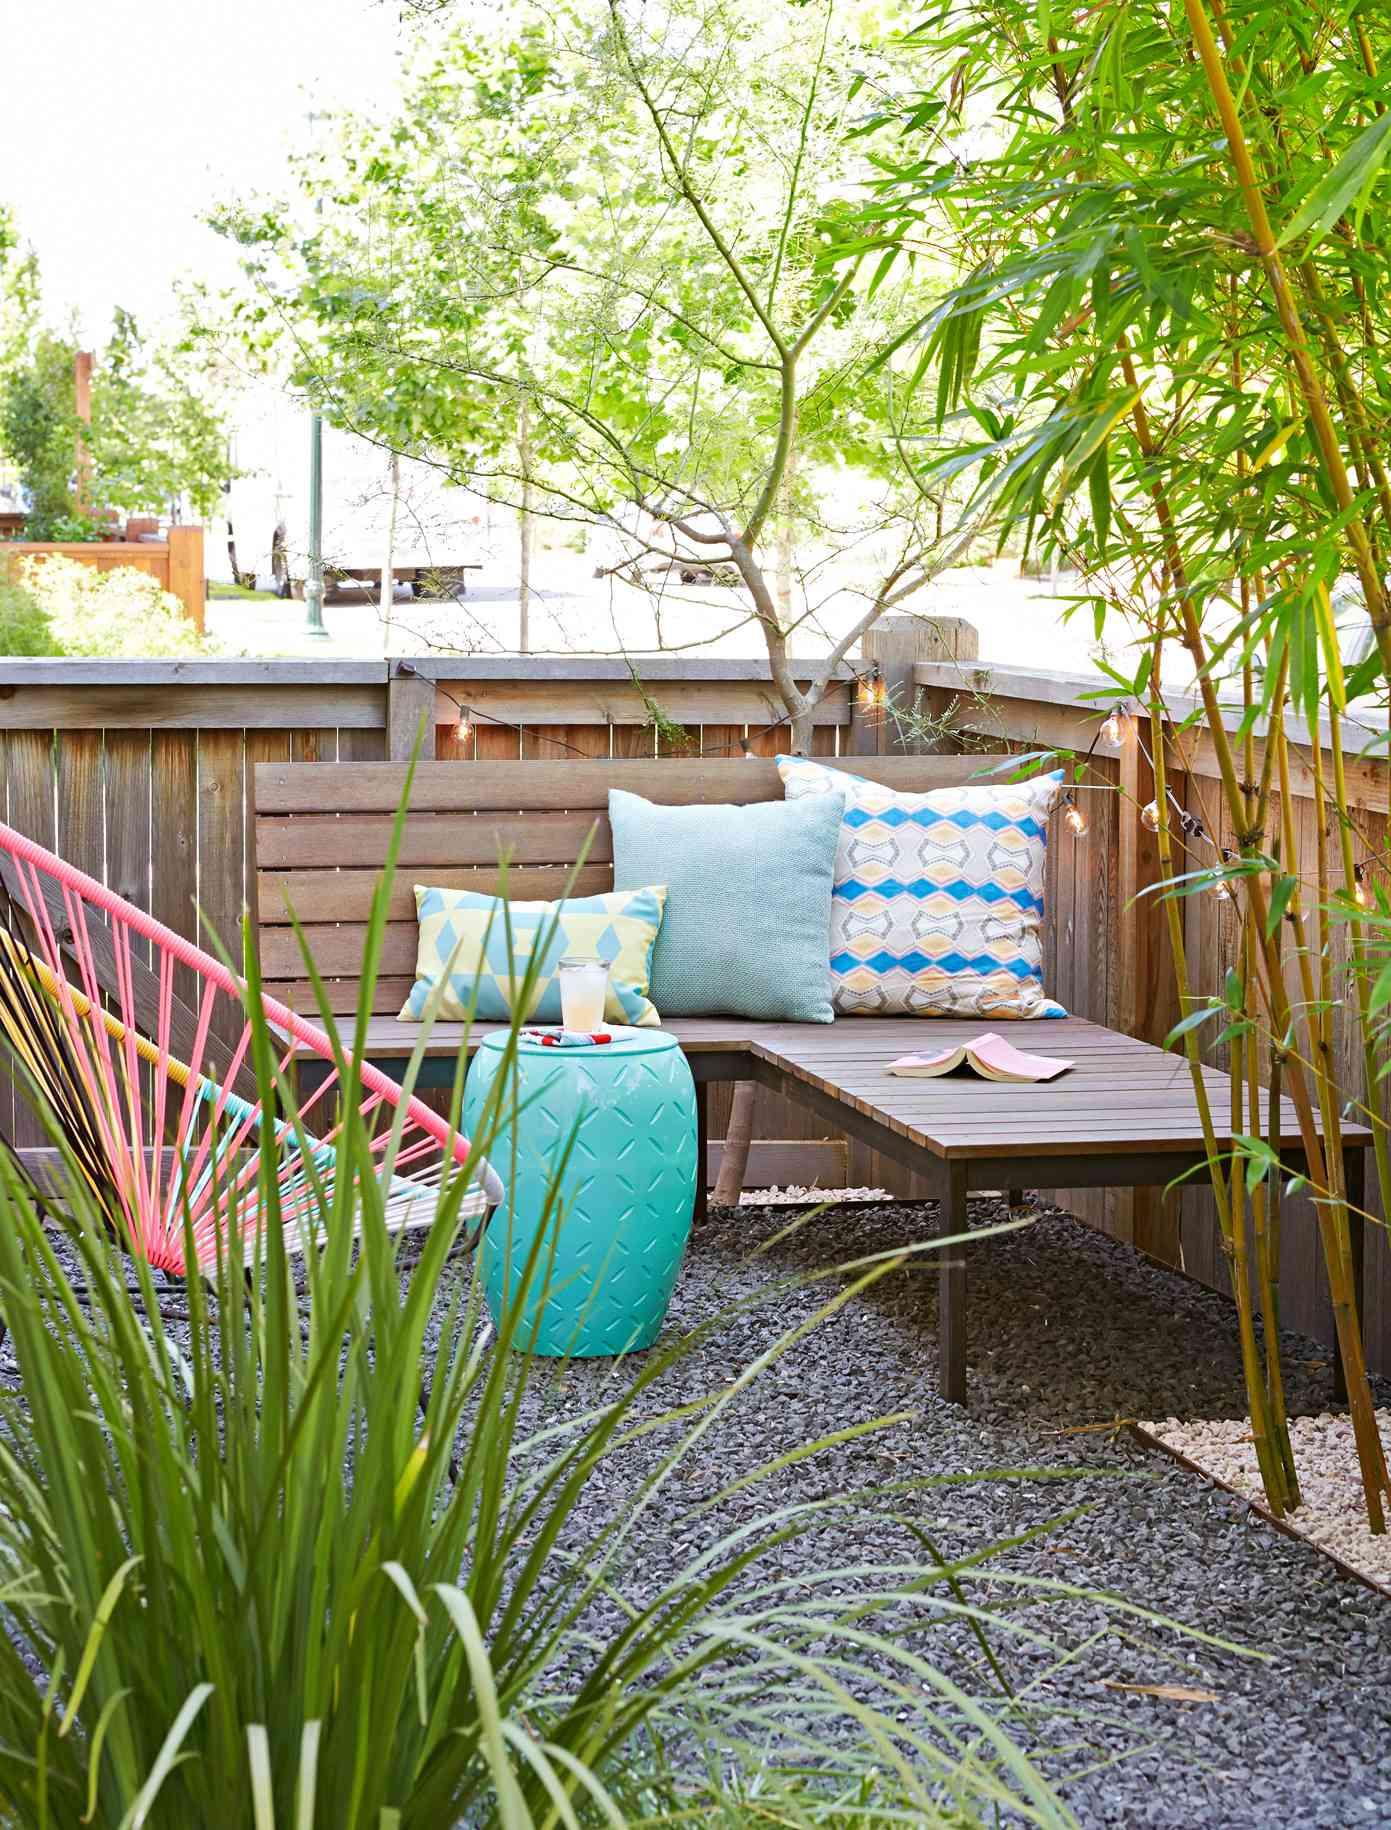 Cheap Backyard Ideas | Better Homes & Gardens on Backyard Landscaping Ideas On A Budget id=93935